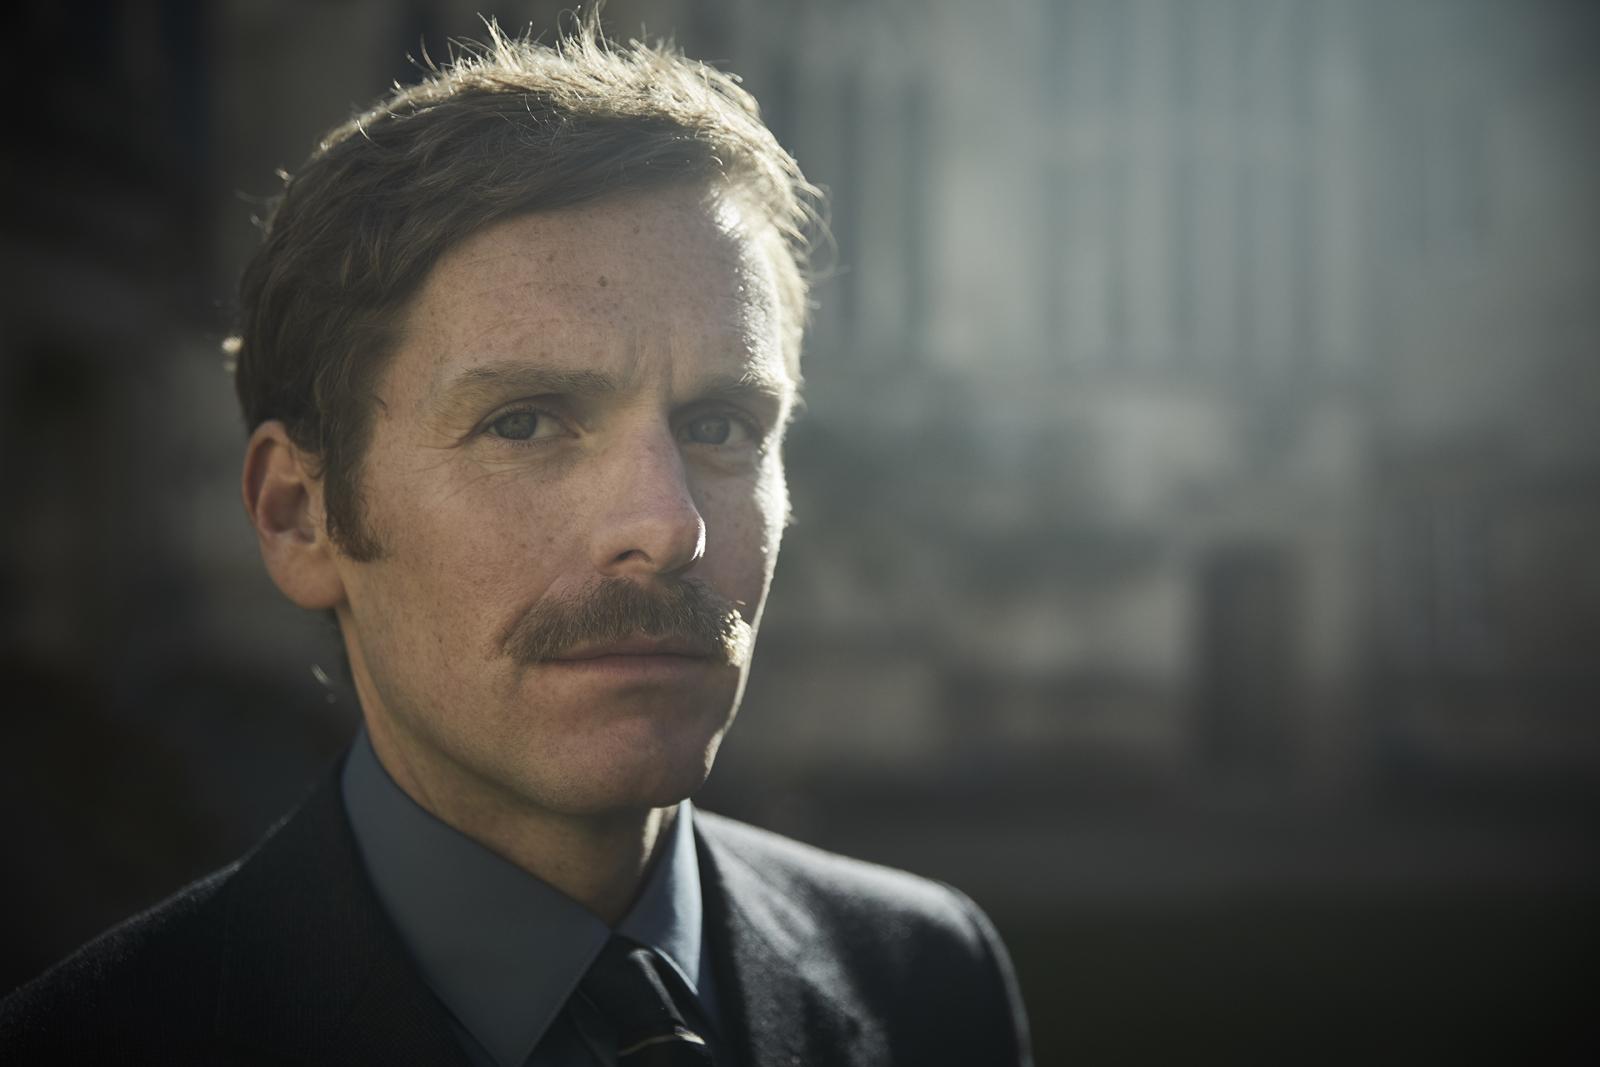 Der junge Inspektor Morse: Bild Shaun Evans - 6 von 53